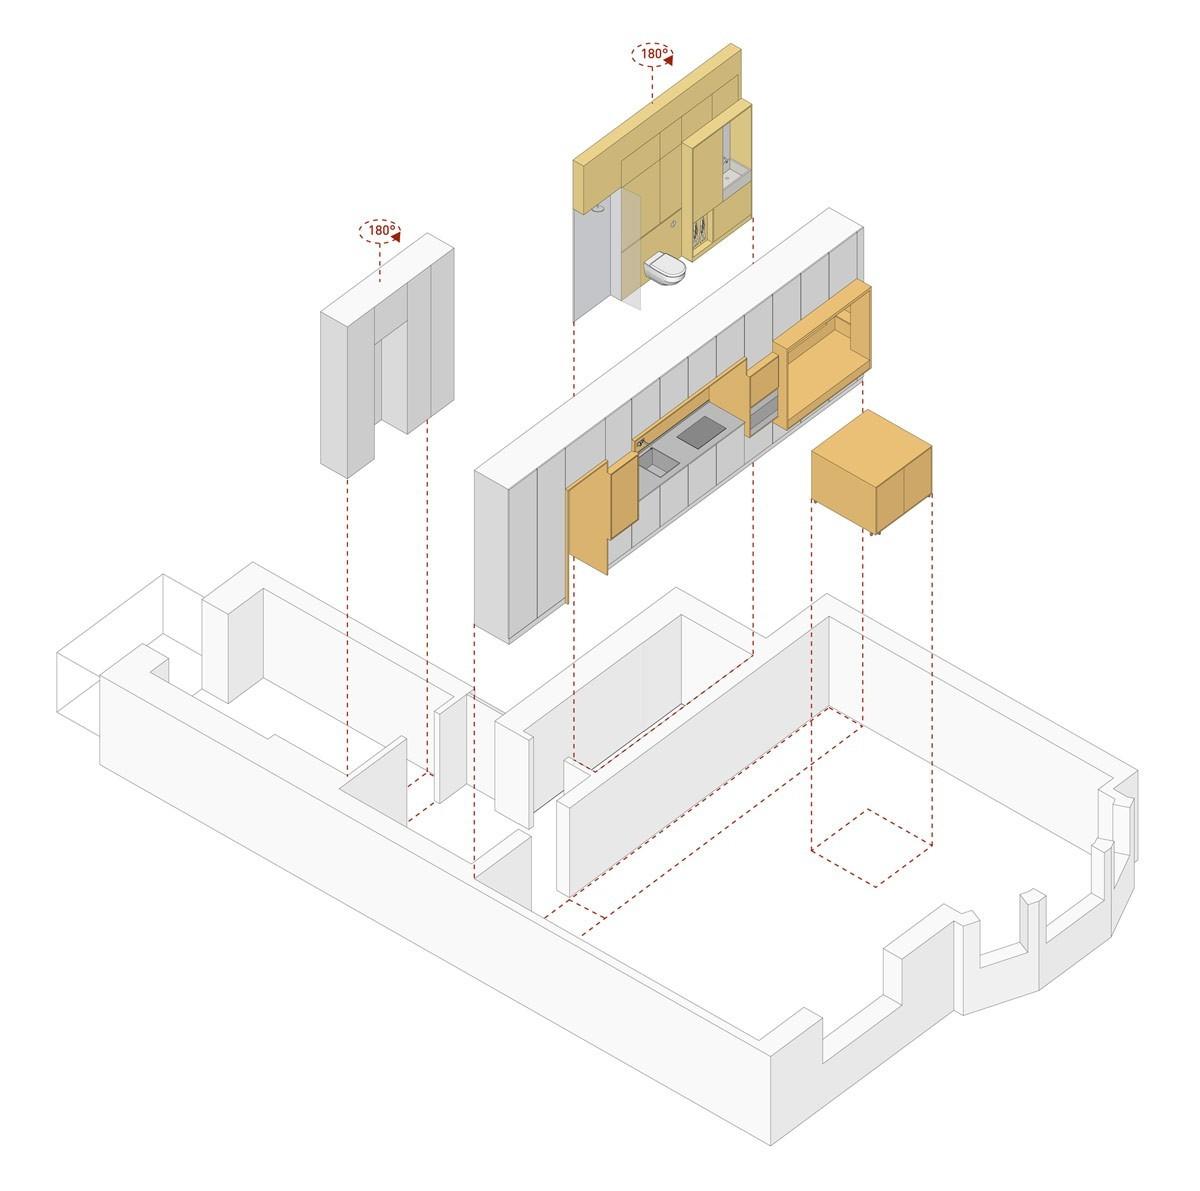 Thiết kế tường chức năng, cộng với đảo bếp có thể định vị lại.